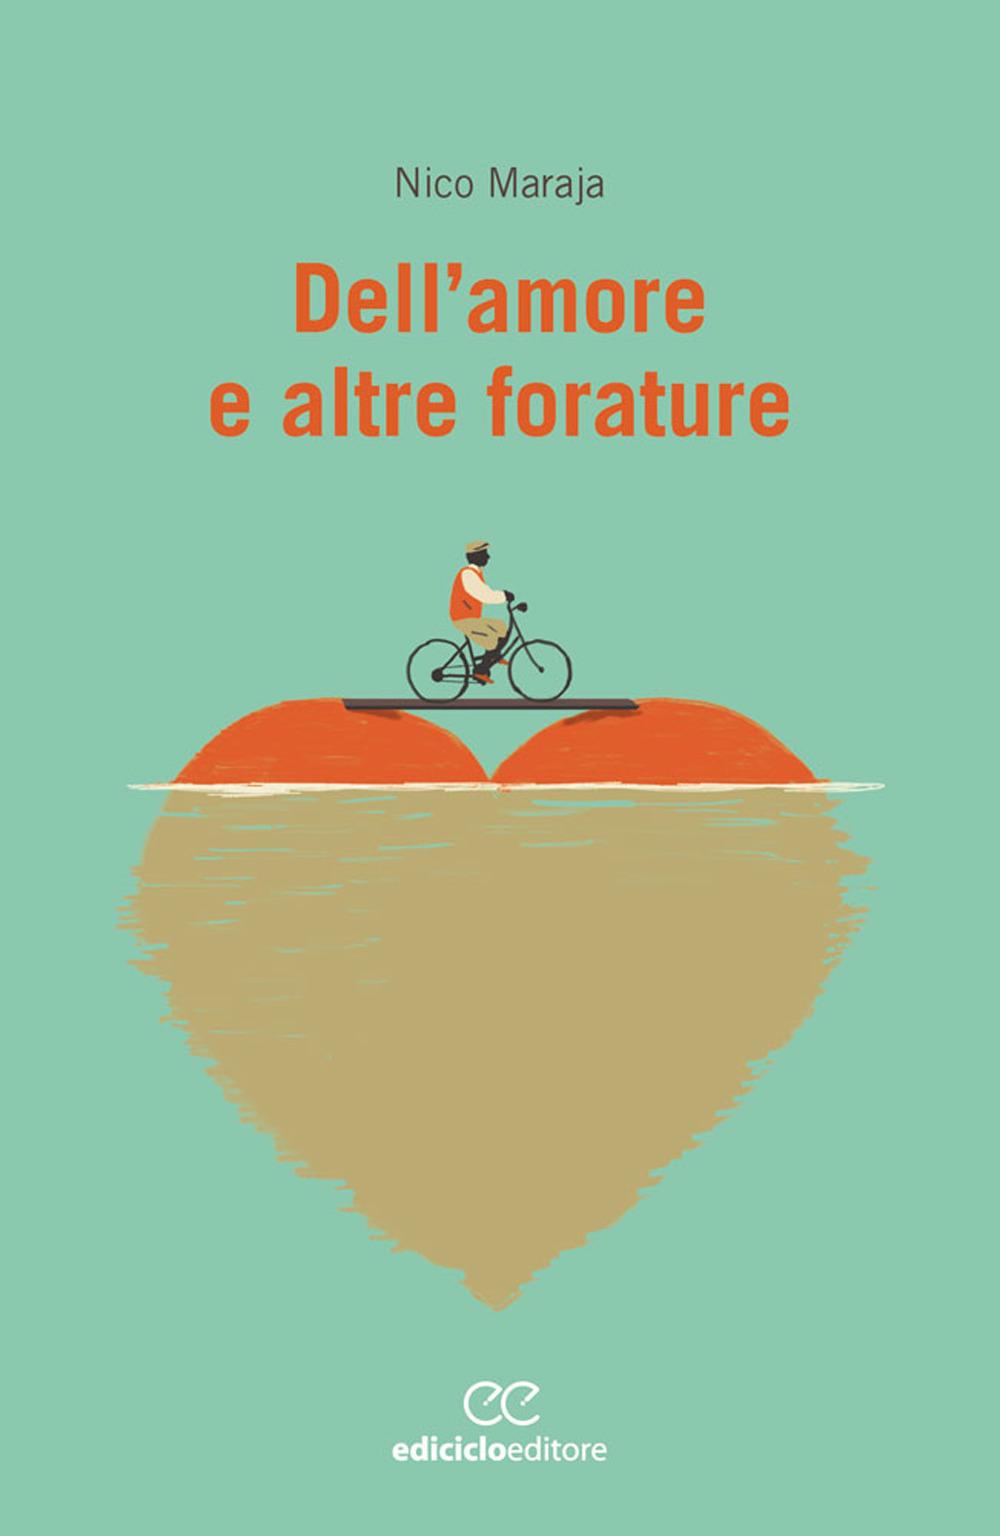 DELL'AMORE E ALTRE FORATURE - 9788865493274